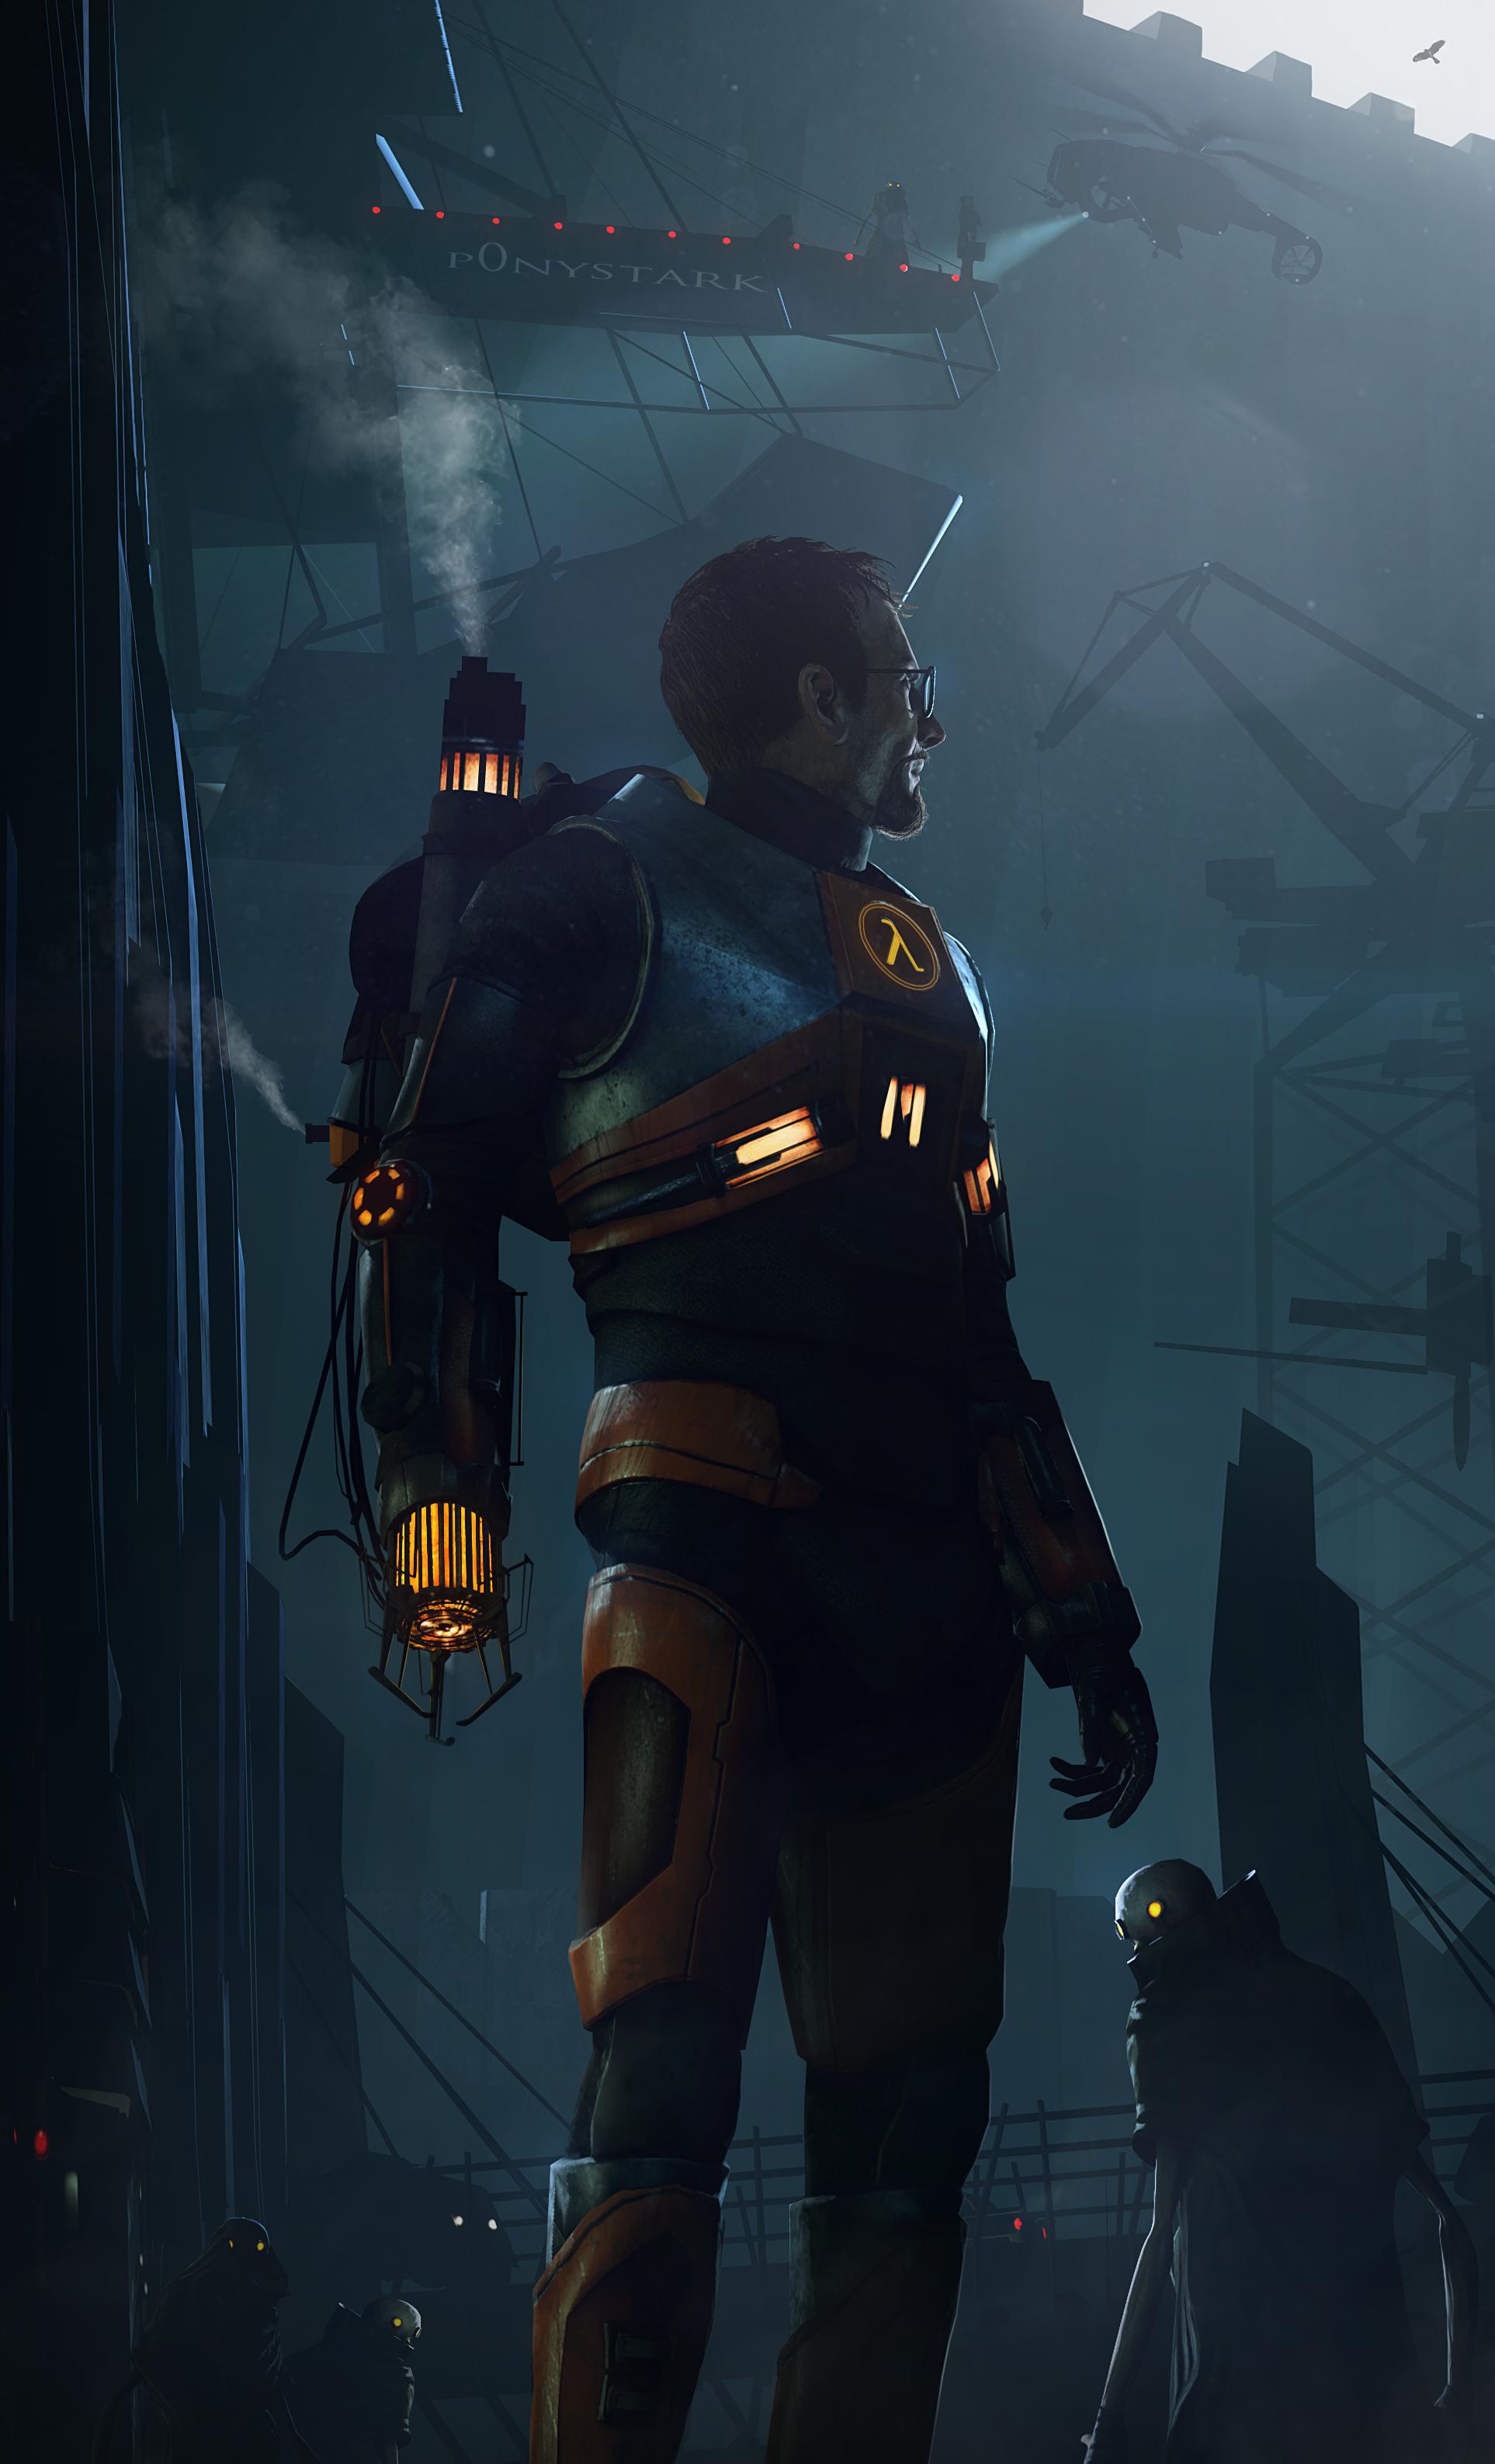 Half-Life 3 by P0nyStark